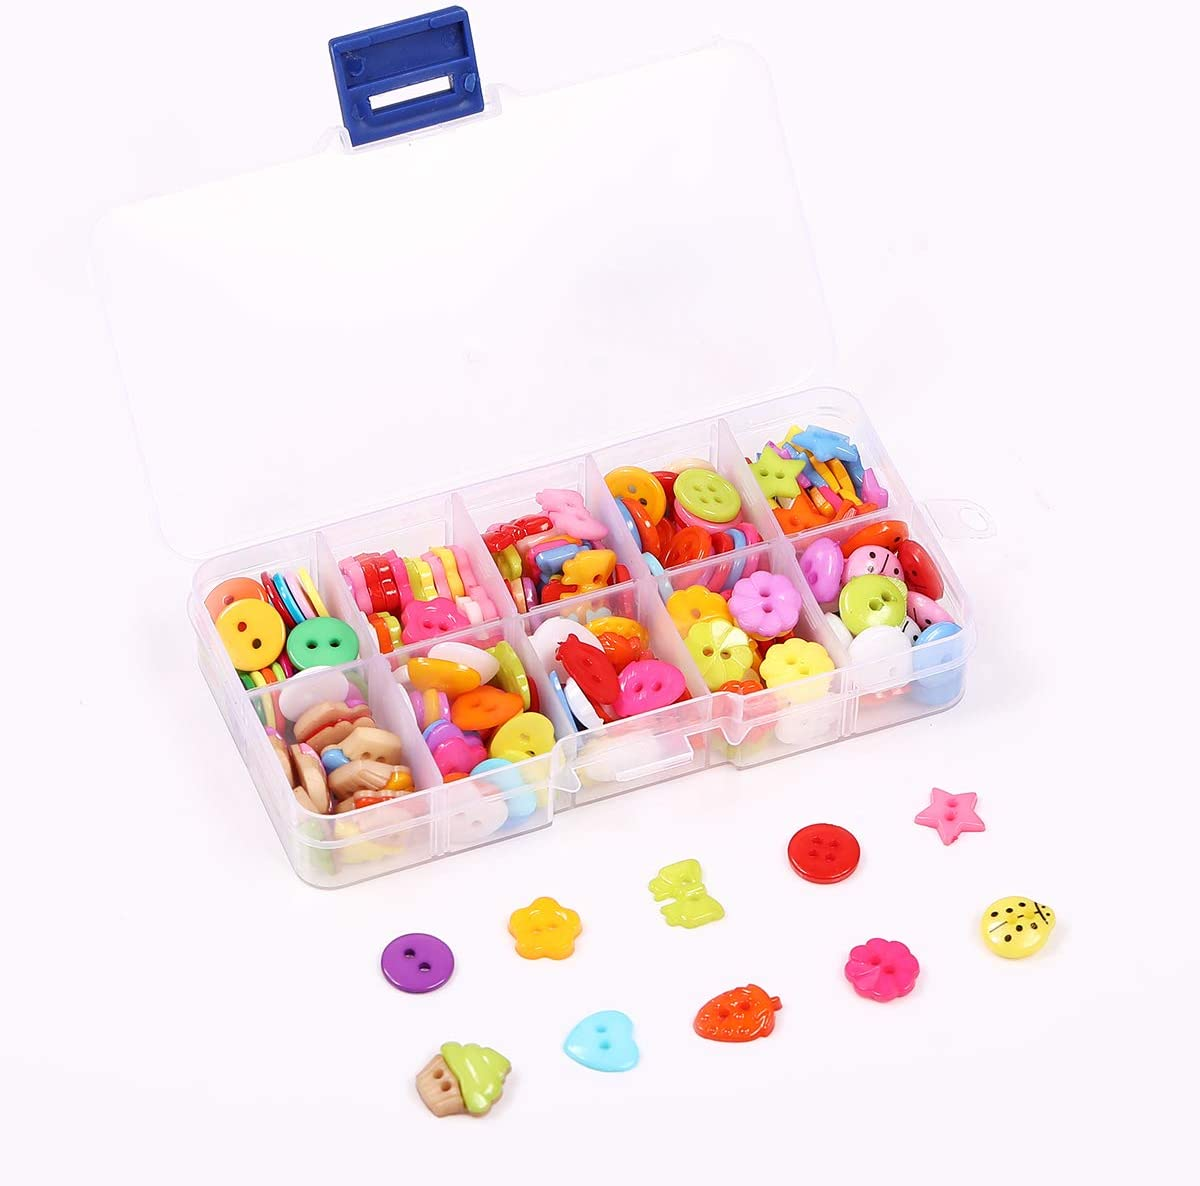 fatti a mano 240 bottoni da cucito assortiti con scatola di plastica per scrapbooking cucito e artigianato